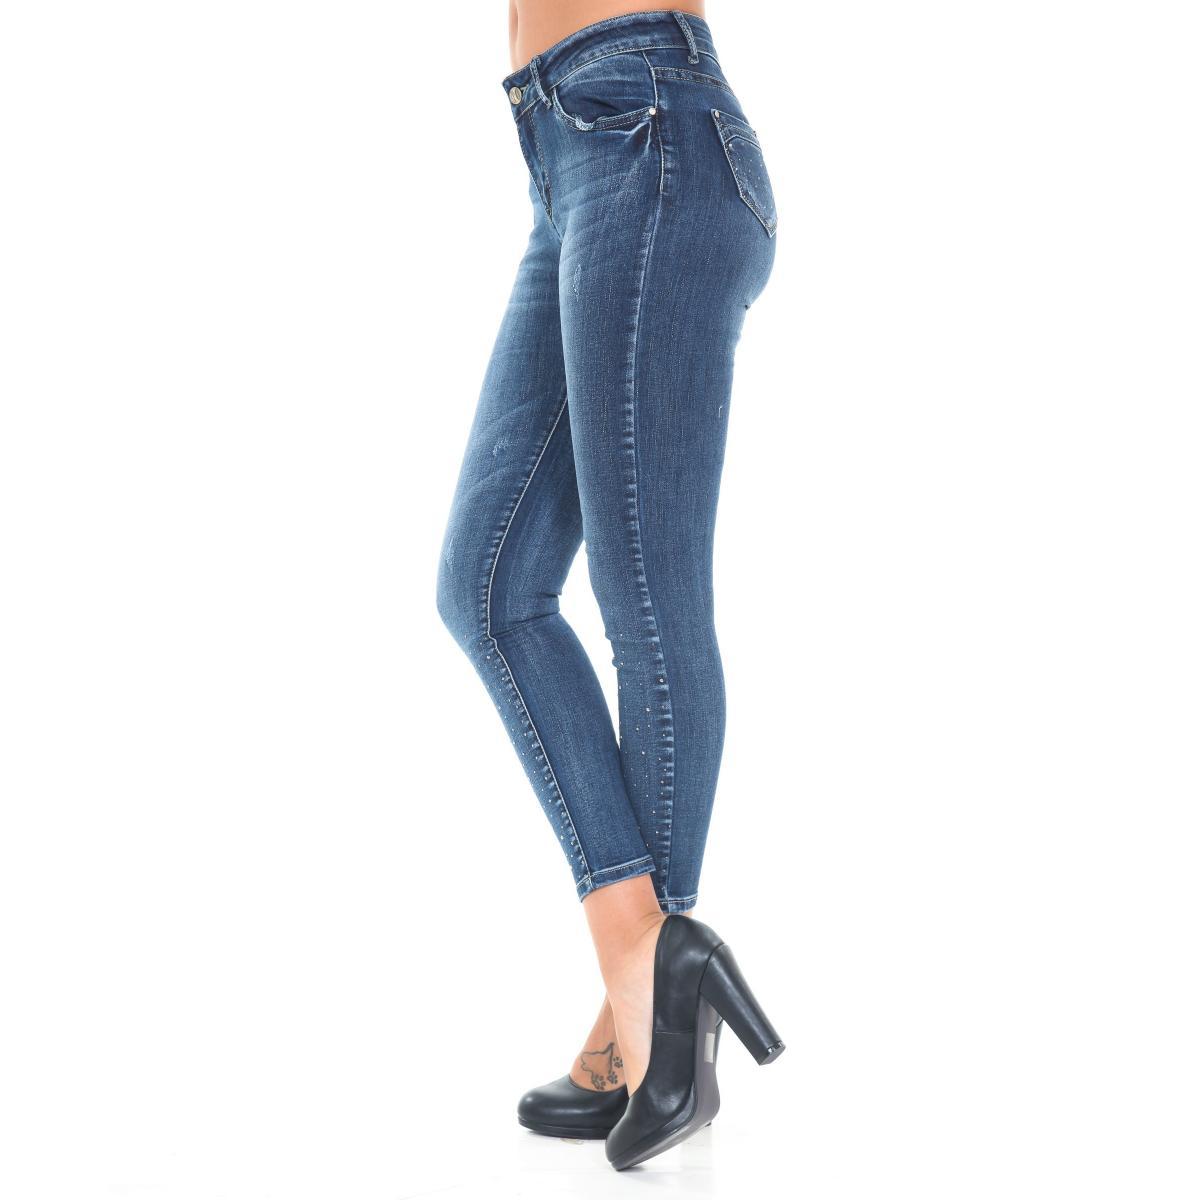 Pantaloni Jeans da donna slim fit 5 tasche con applicazioni strass